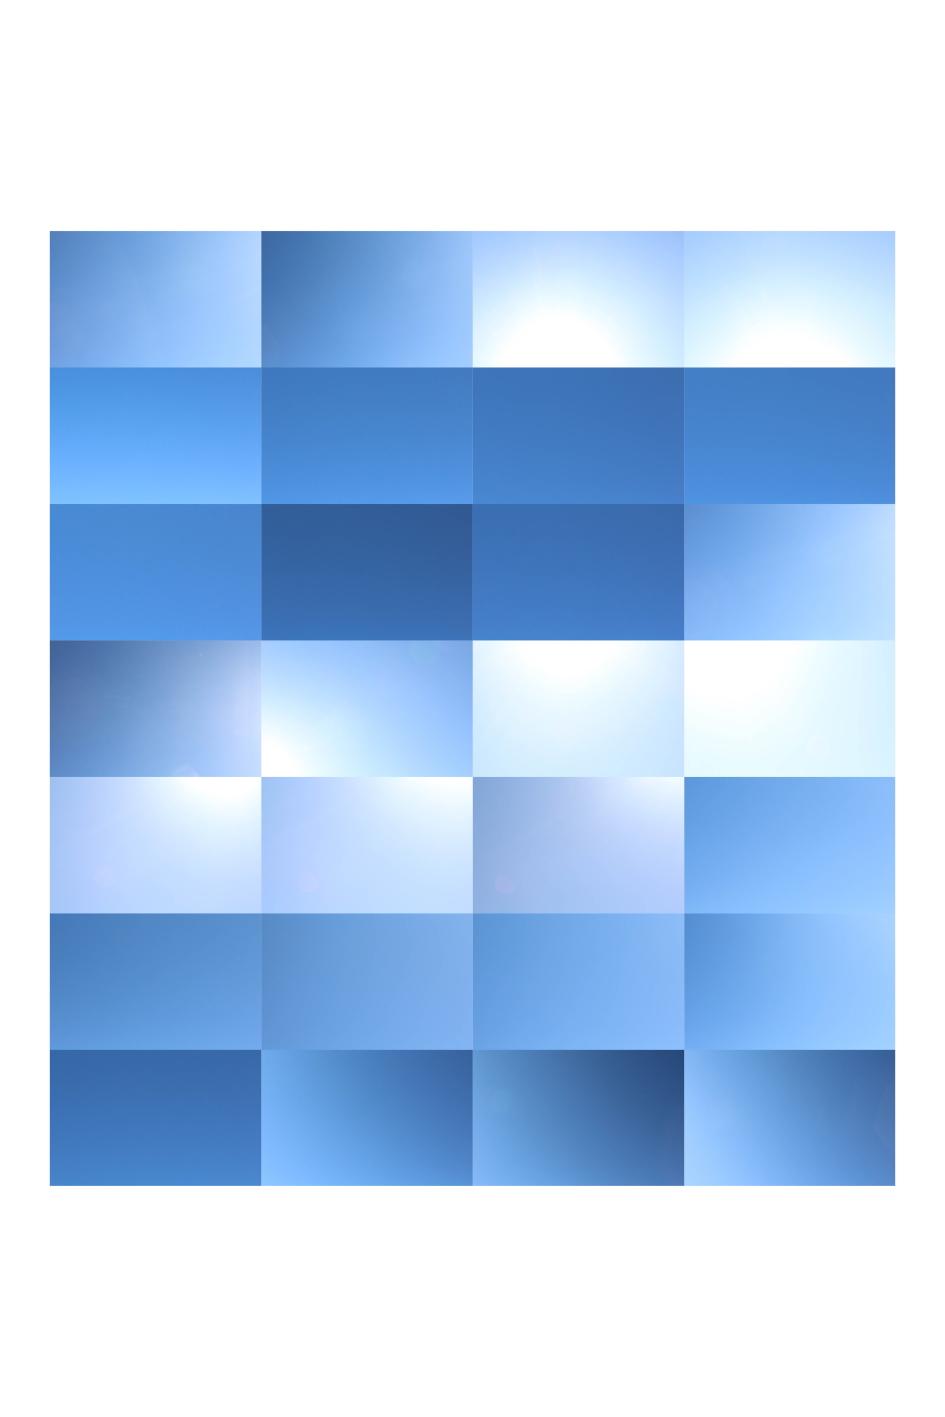 Markus Feiler - SKY BLUE 1_Künstler_artist_Kunst_art